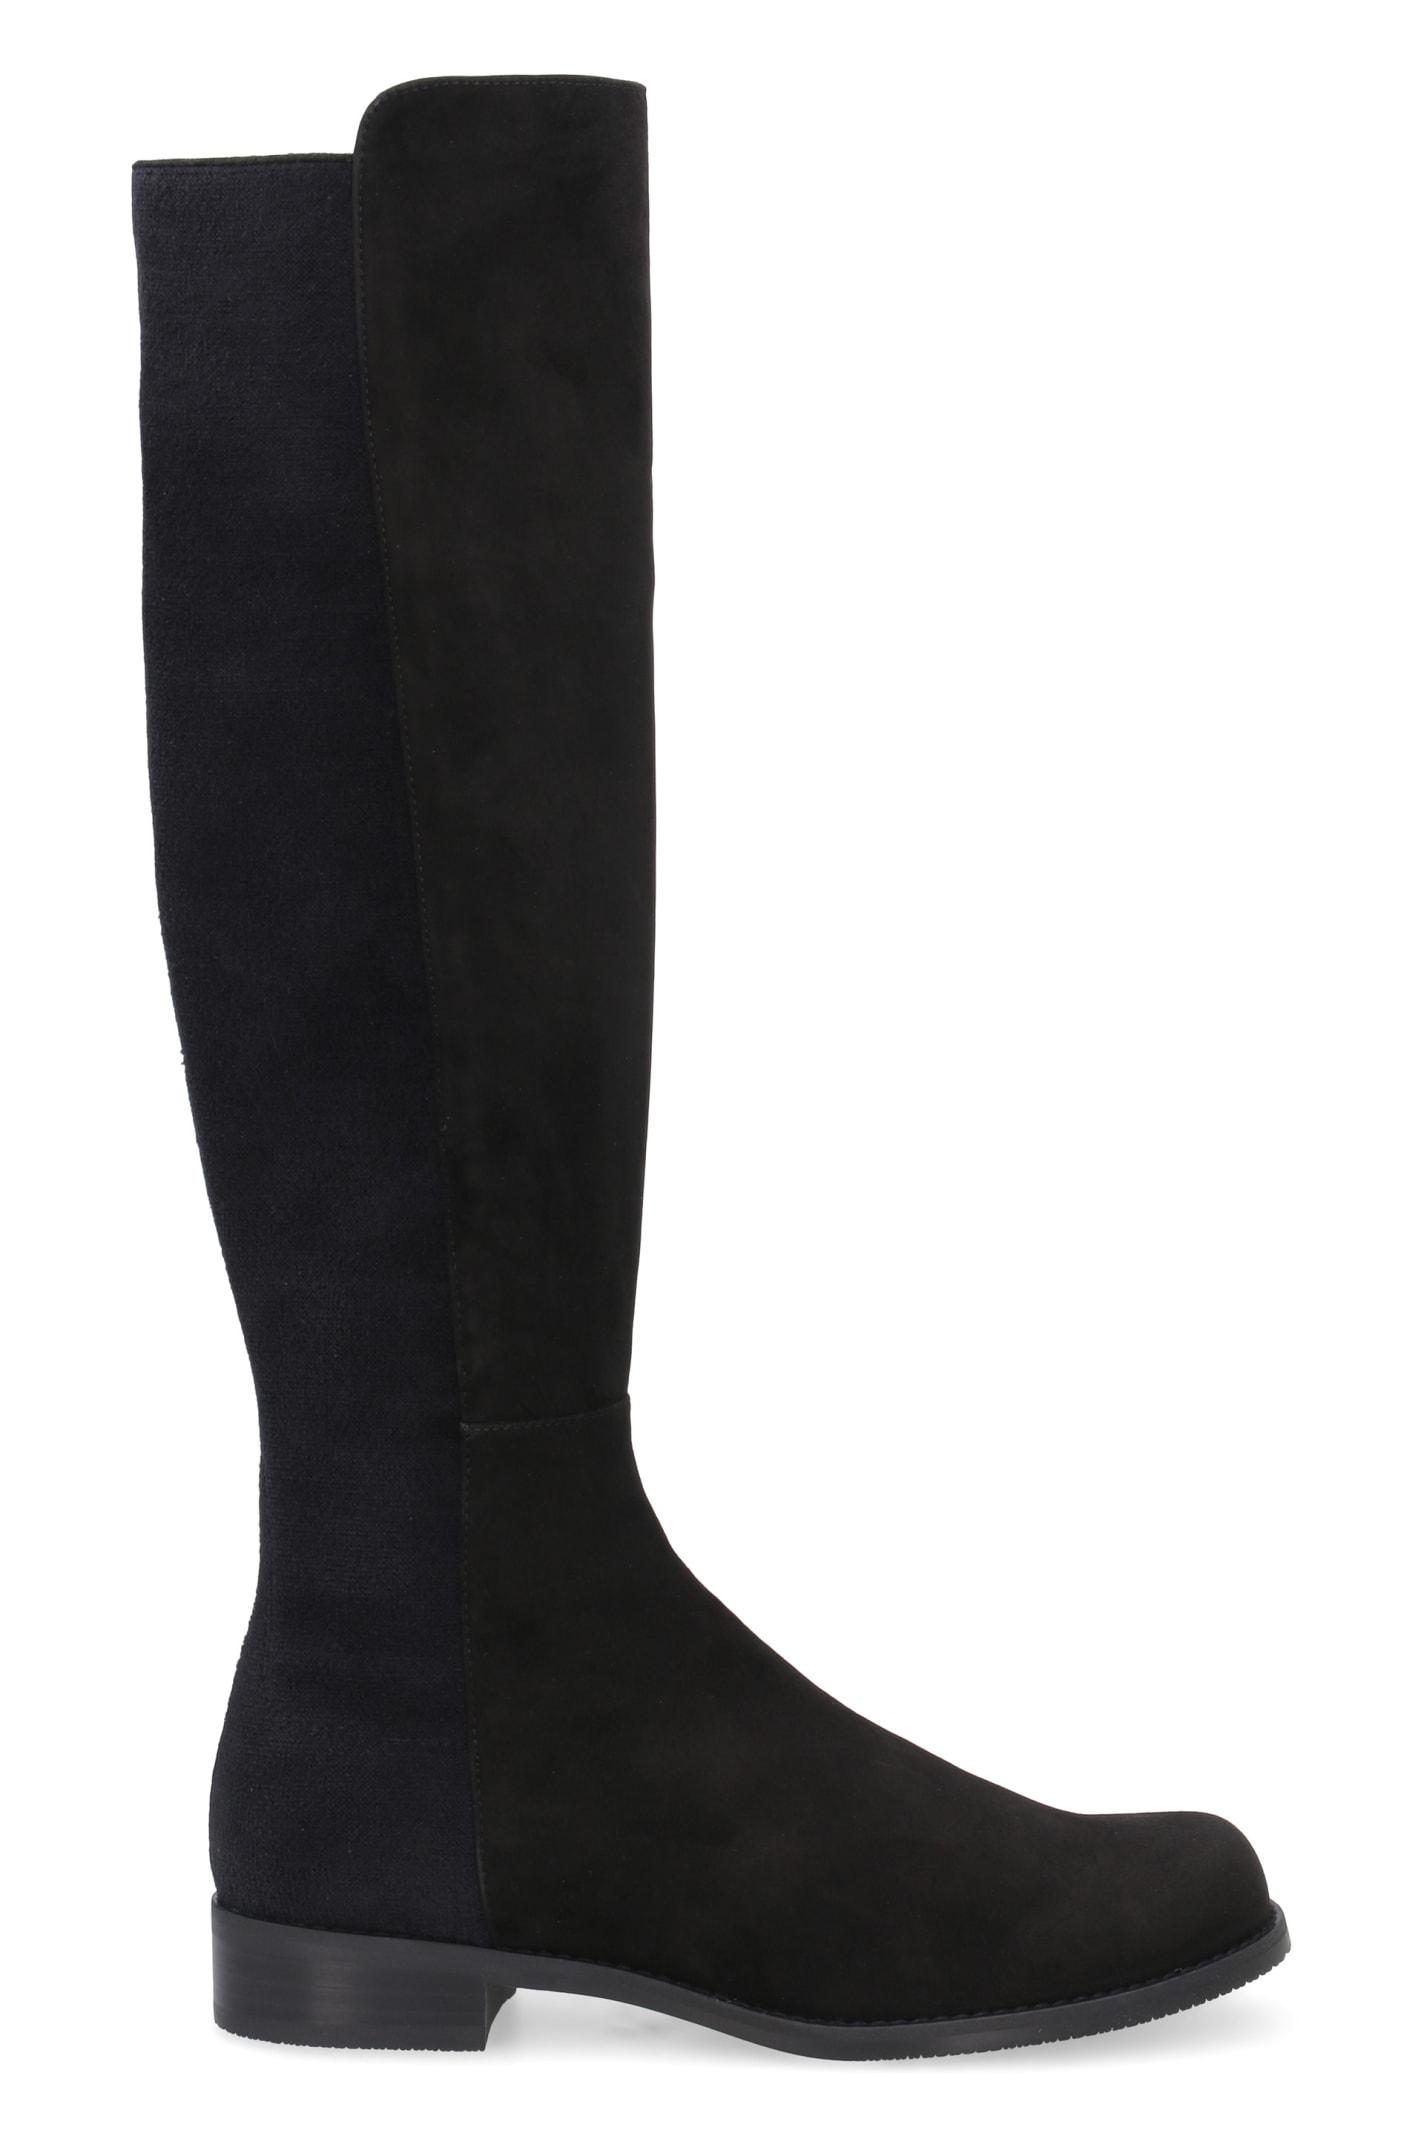 Stuart Weitzman Suede Knee-boots